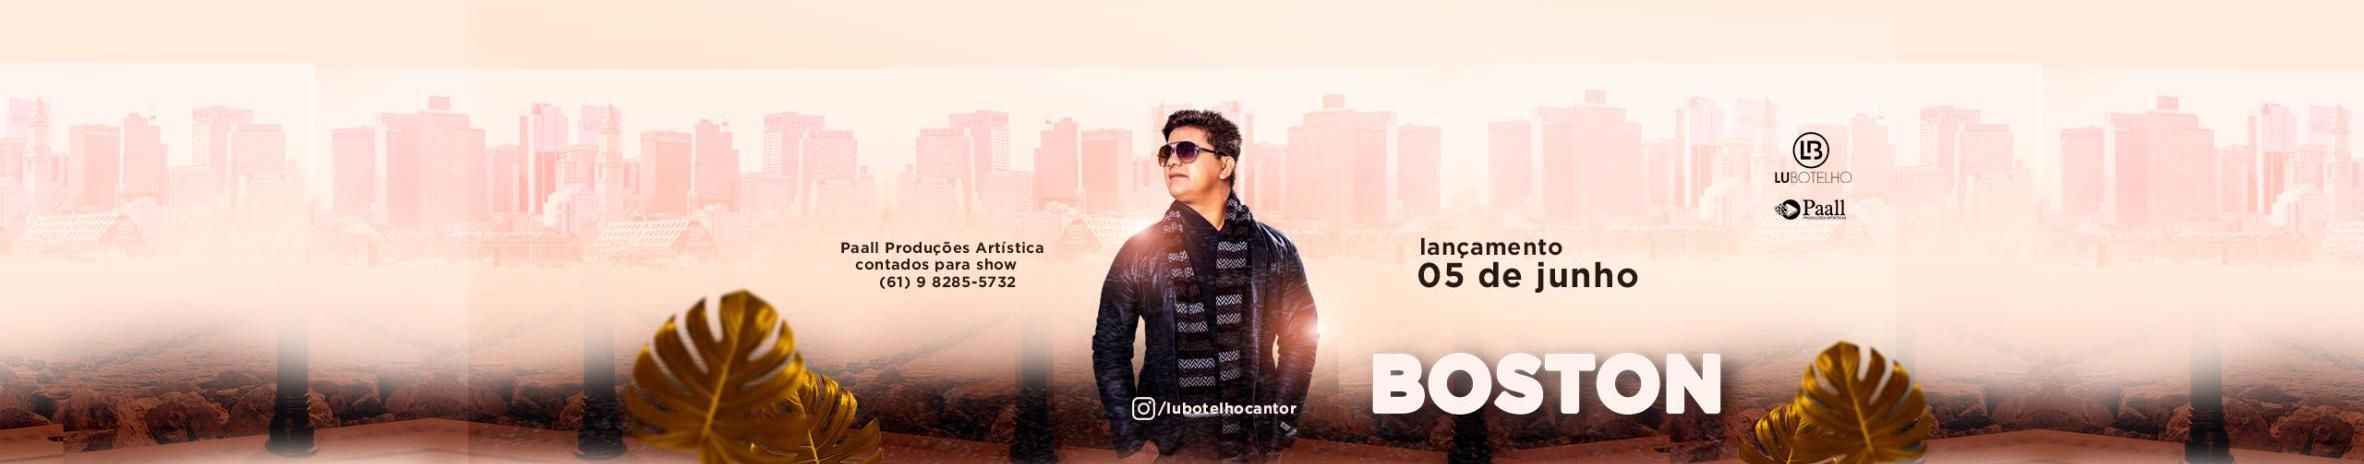 Imagem de capa de Lu Botelho